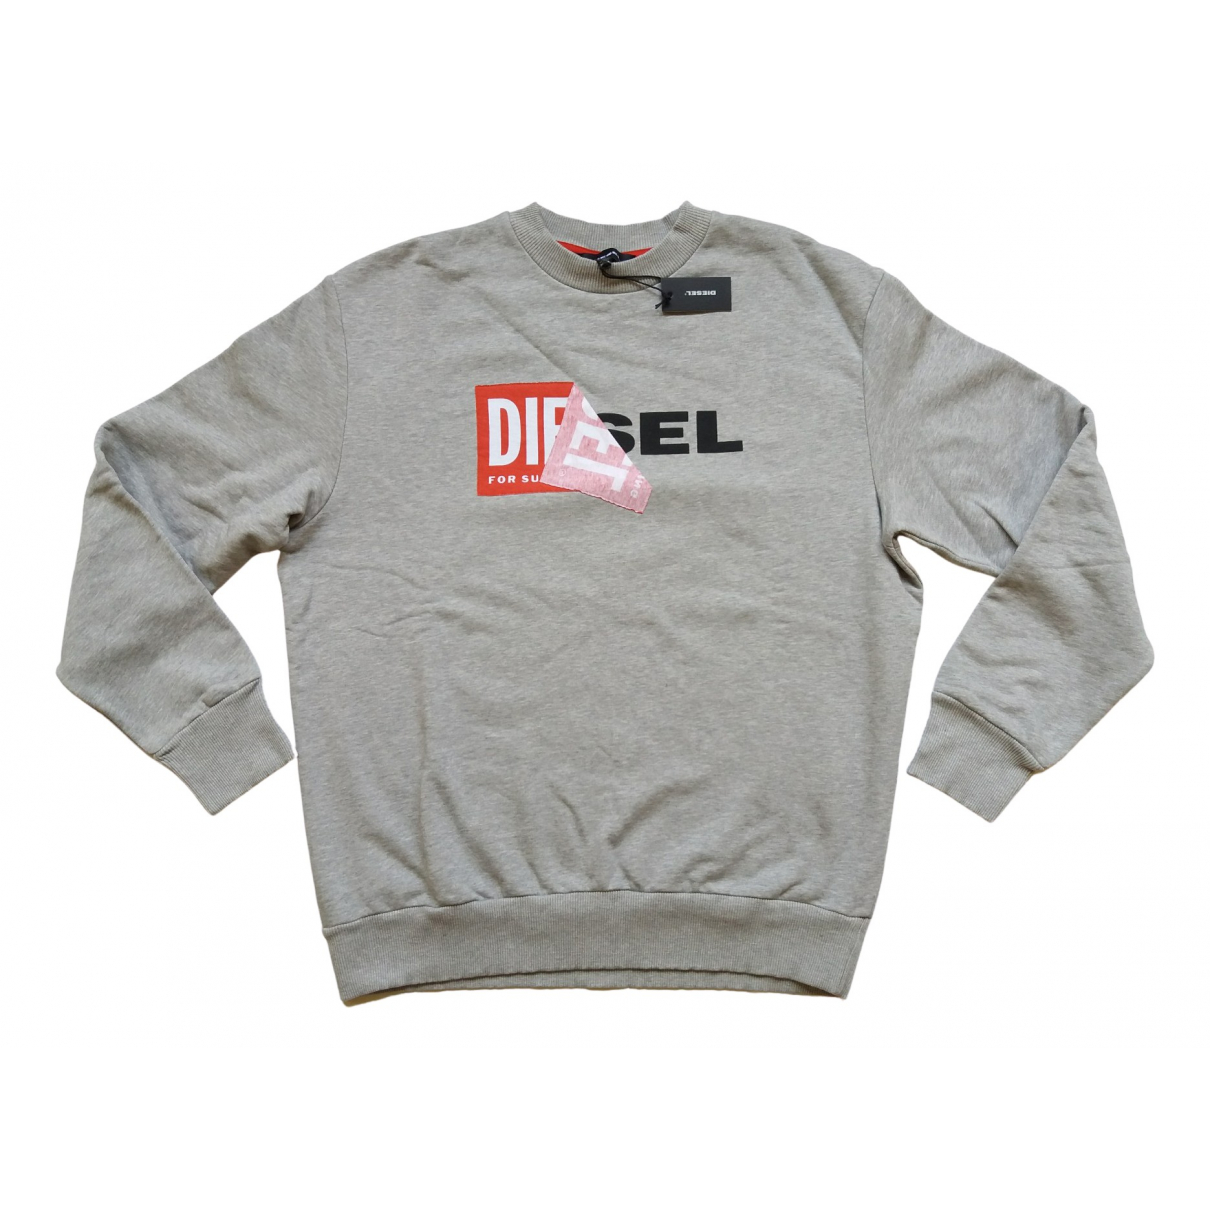 Diesel - Pulls.Gilets.Sweats   pour homme en coton - gris